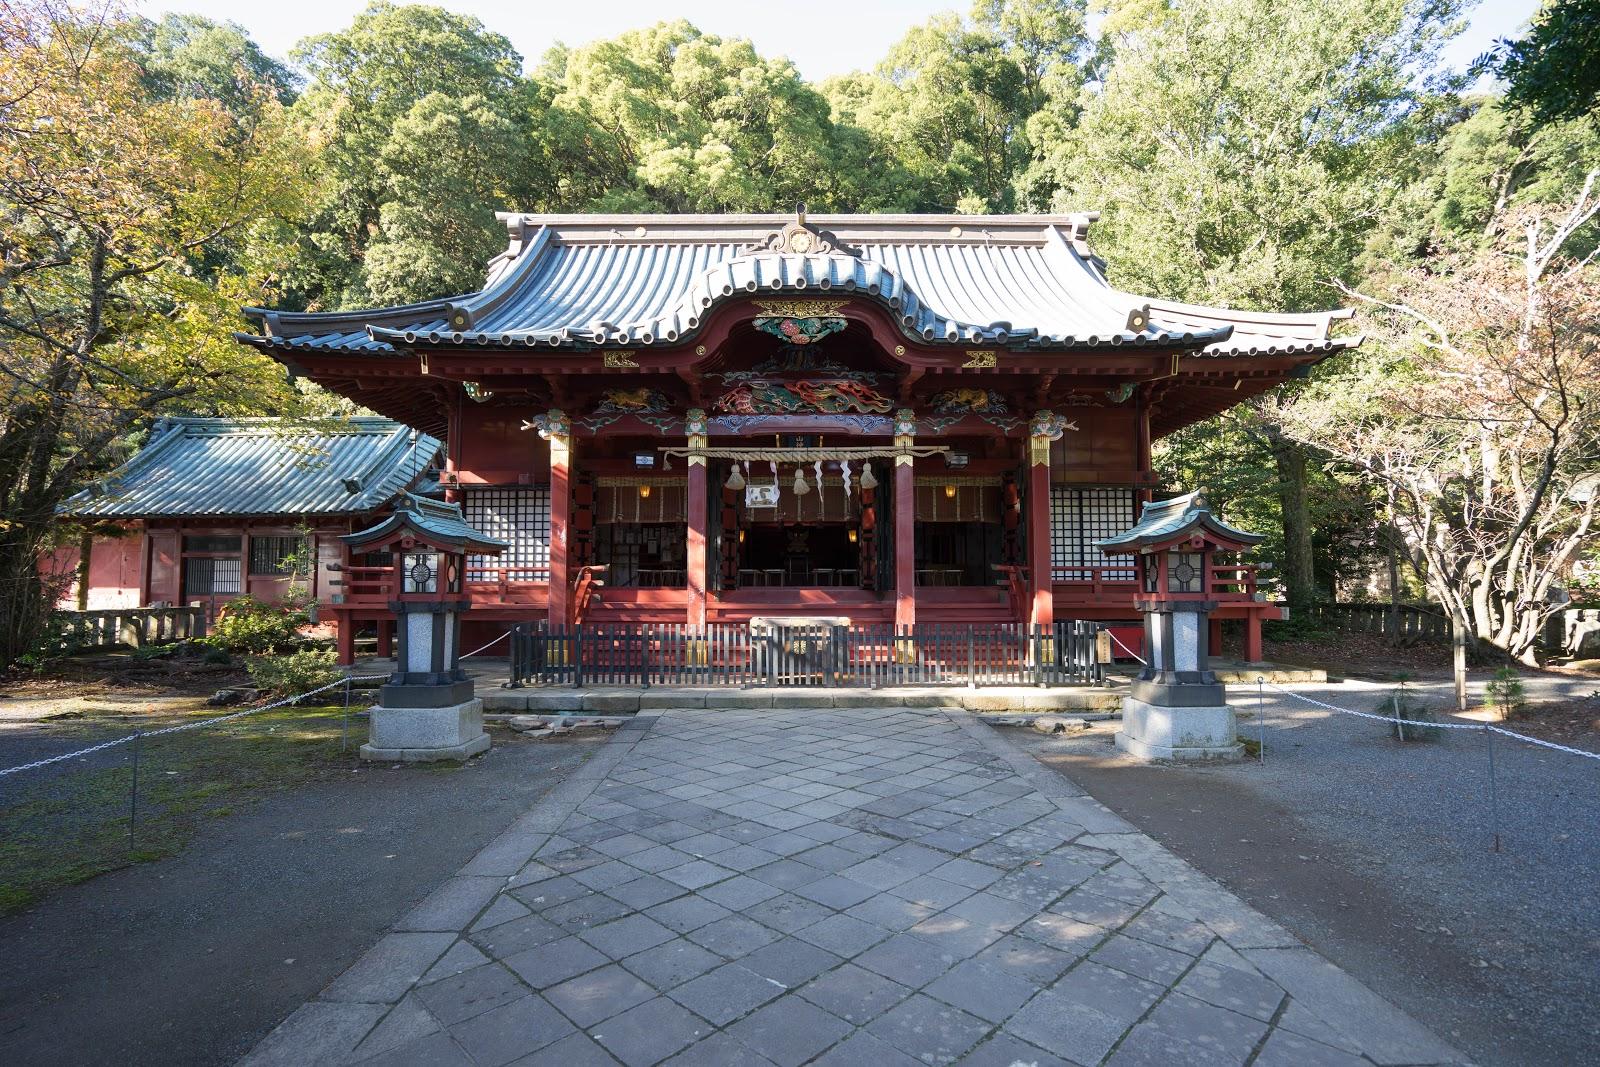 伊豆 山 神社 伊豆山神社 - Wikipedia